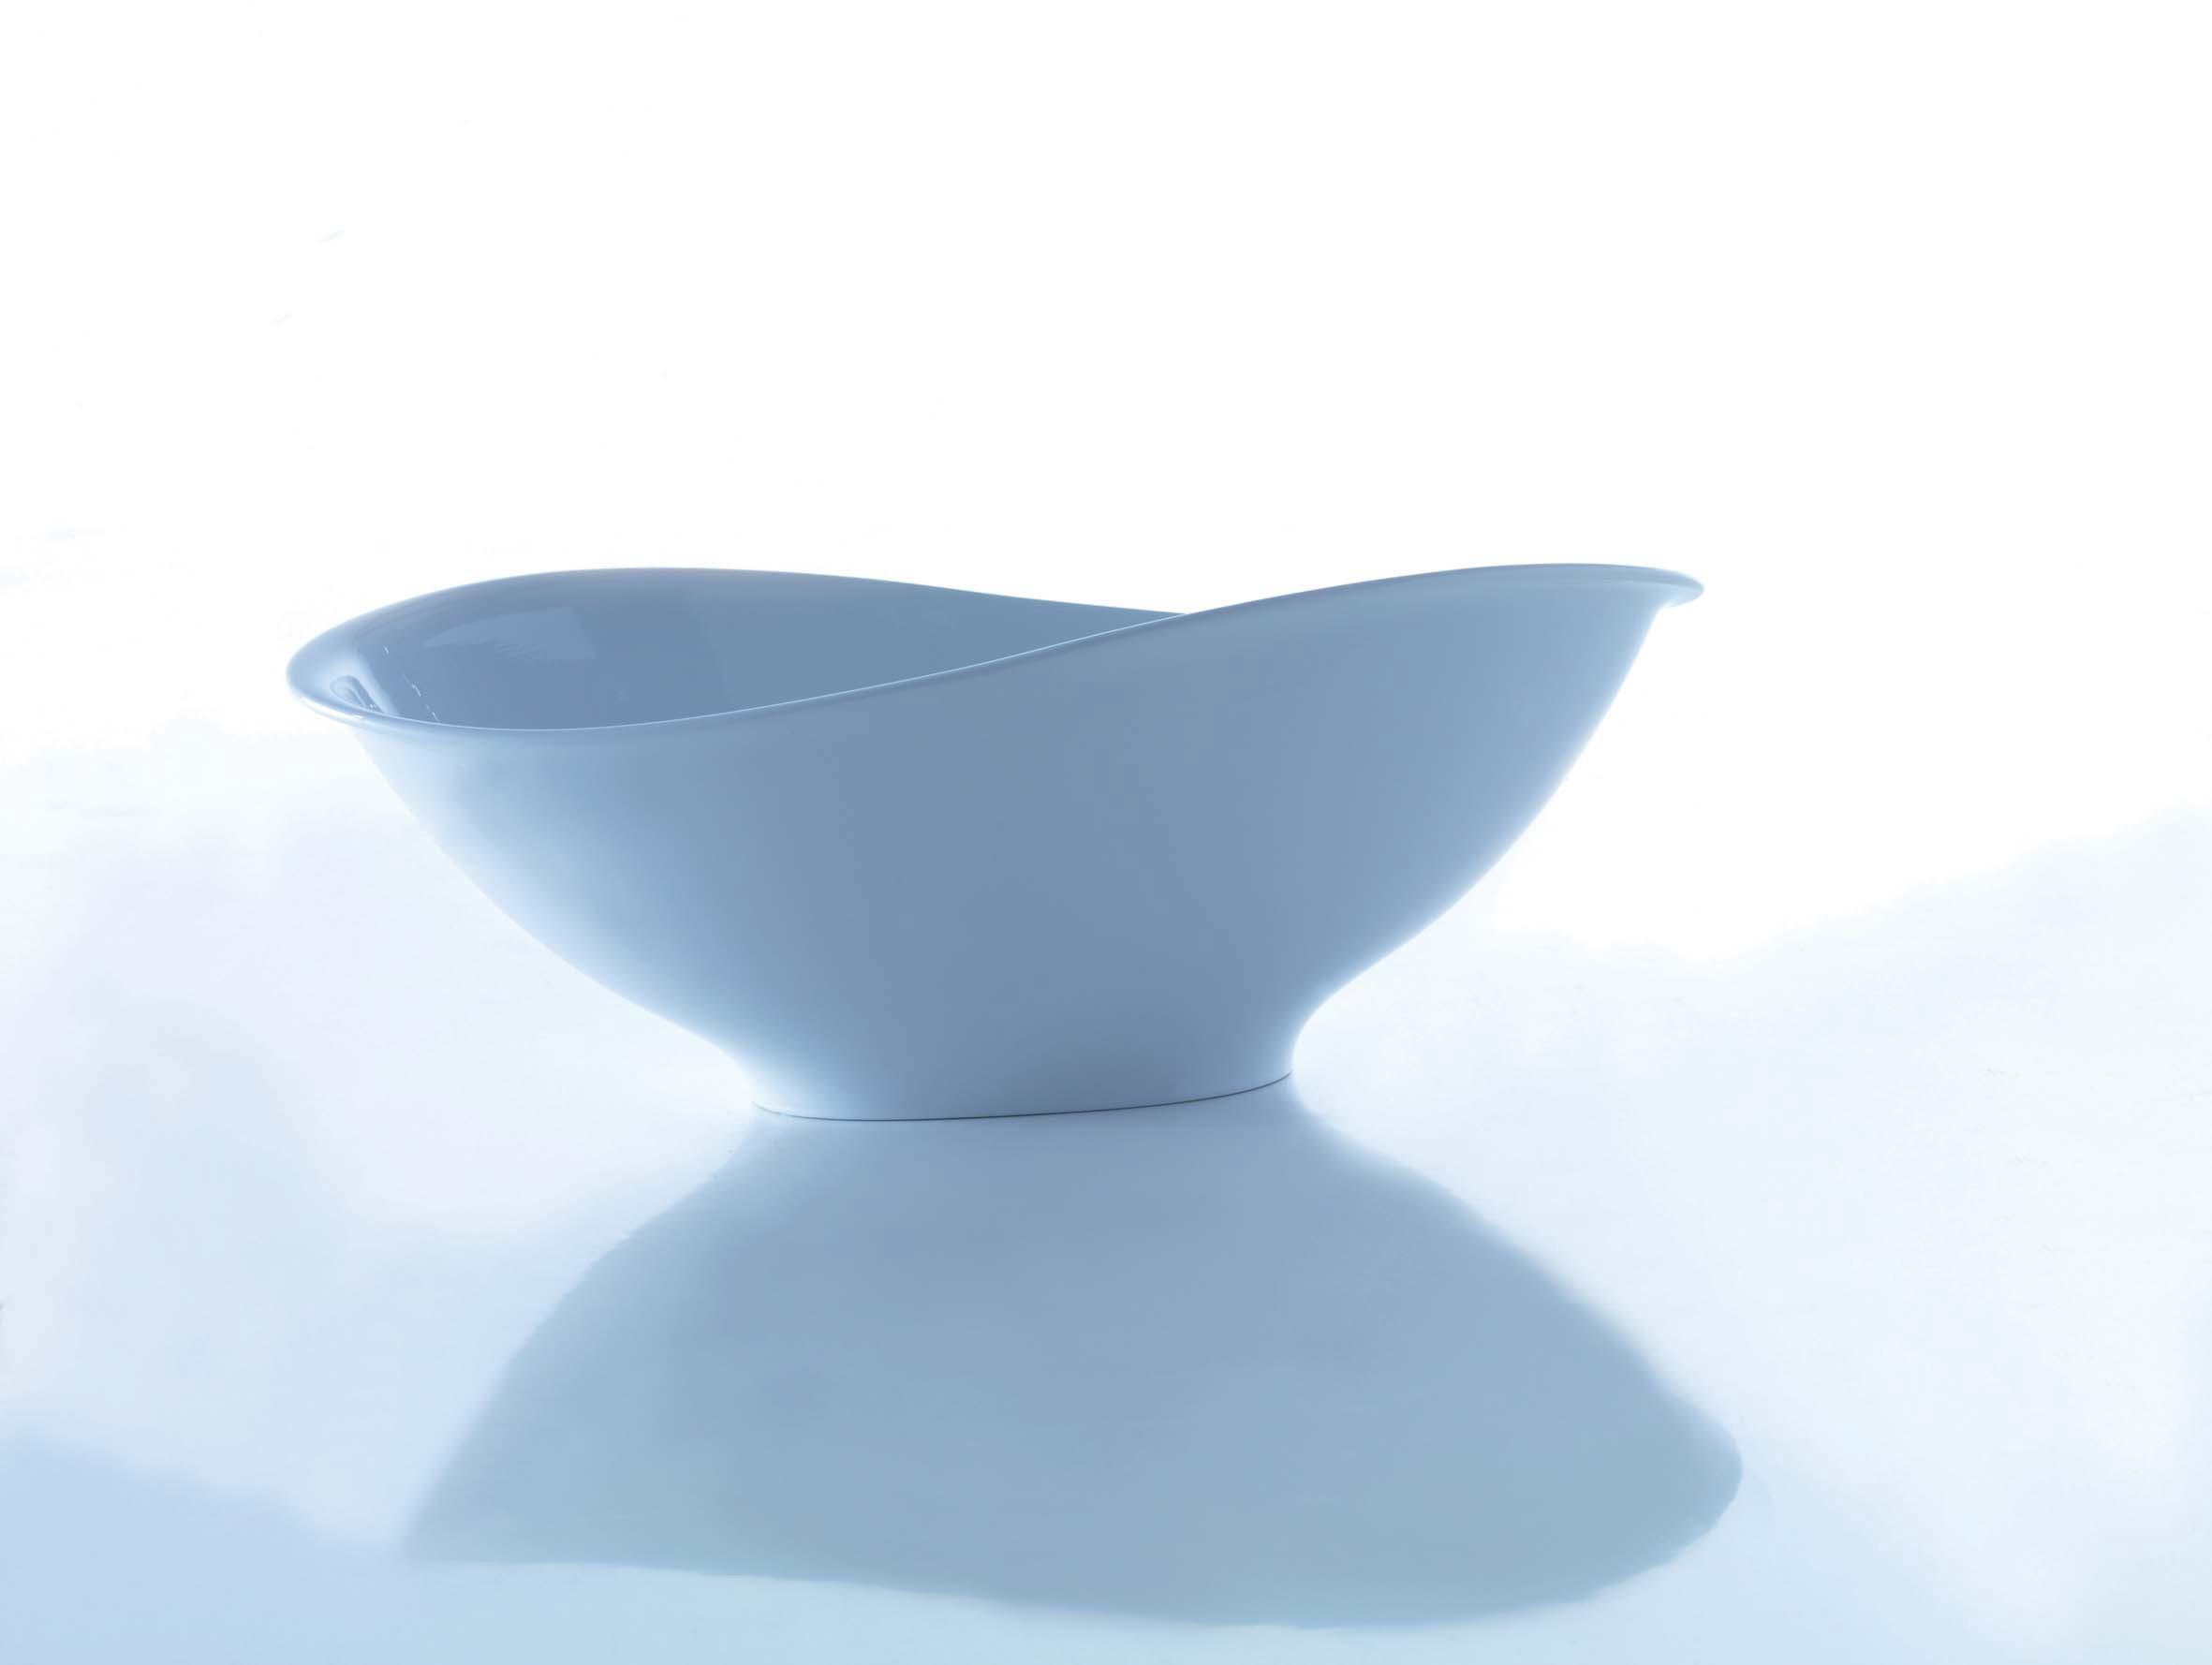 Vasca Da Bagno Galassia : La nuova vasca meg11 di galassia bagno italiano blog